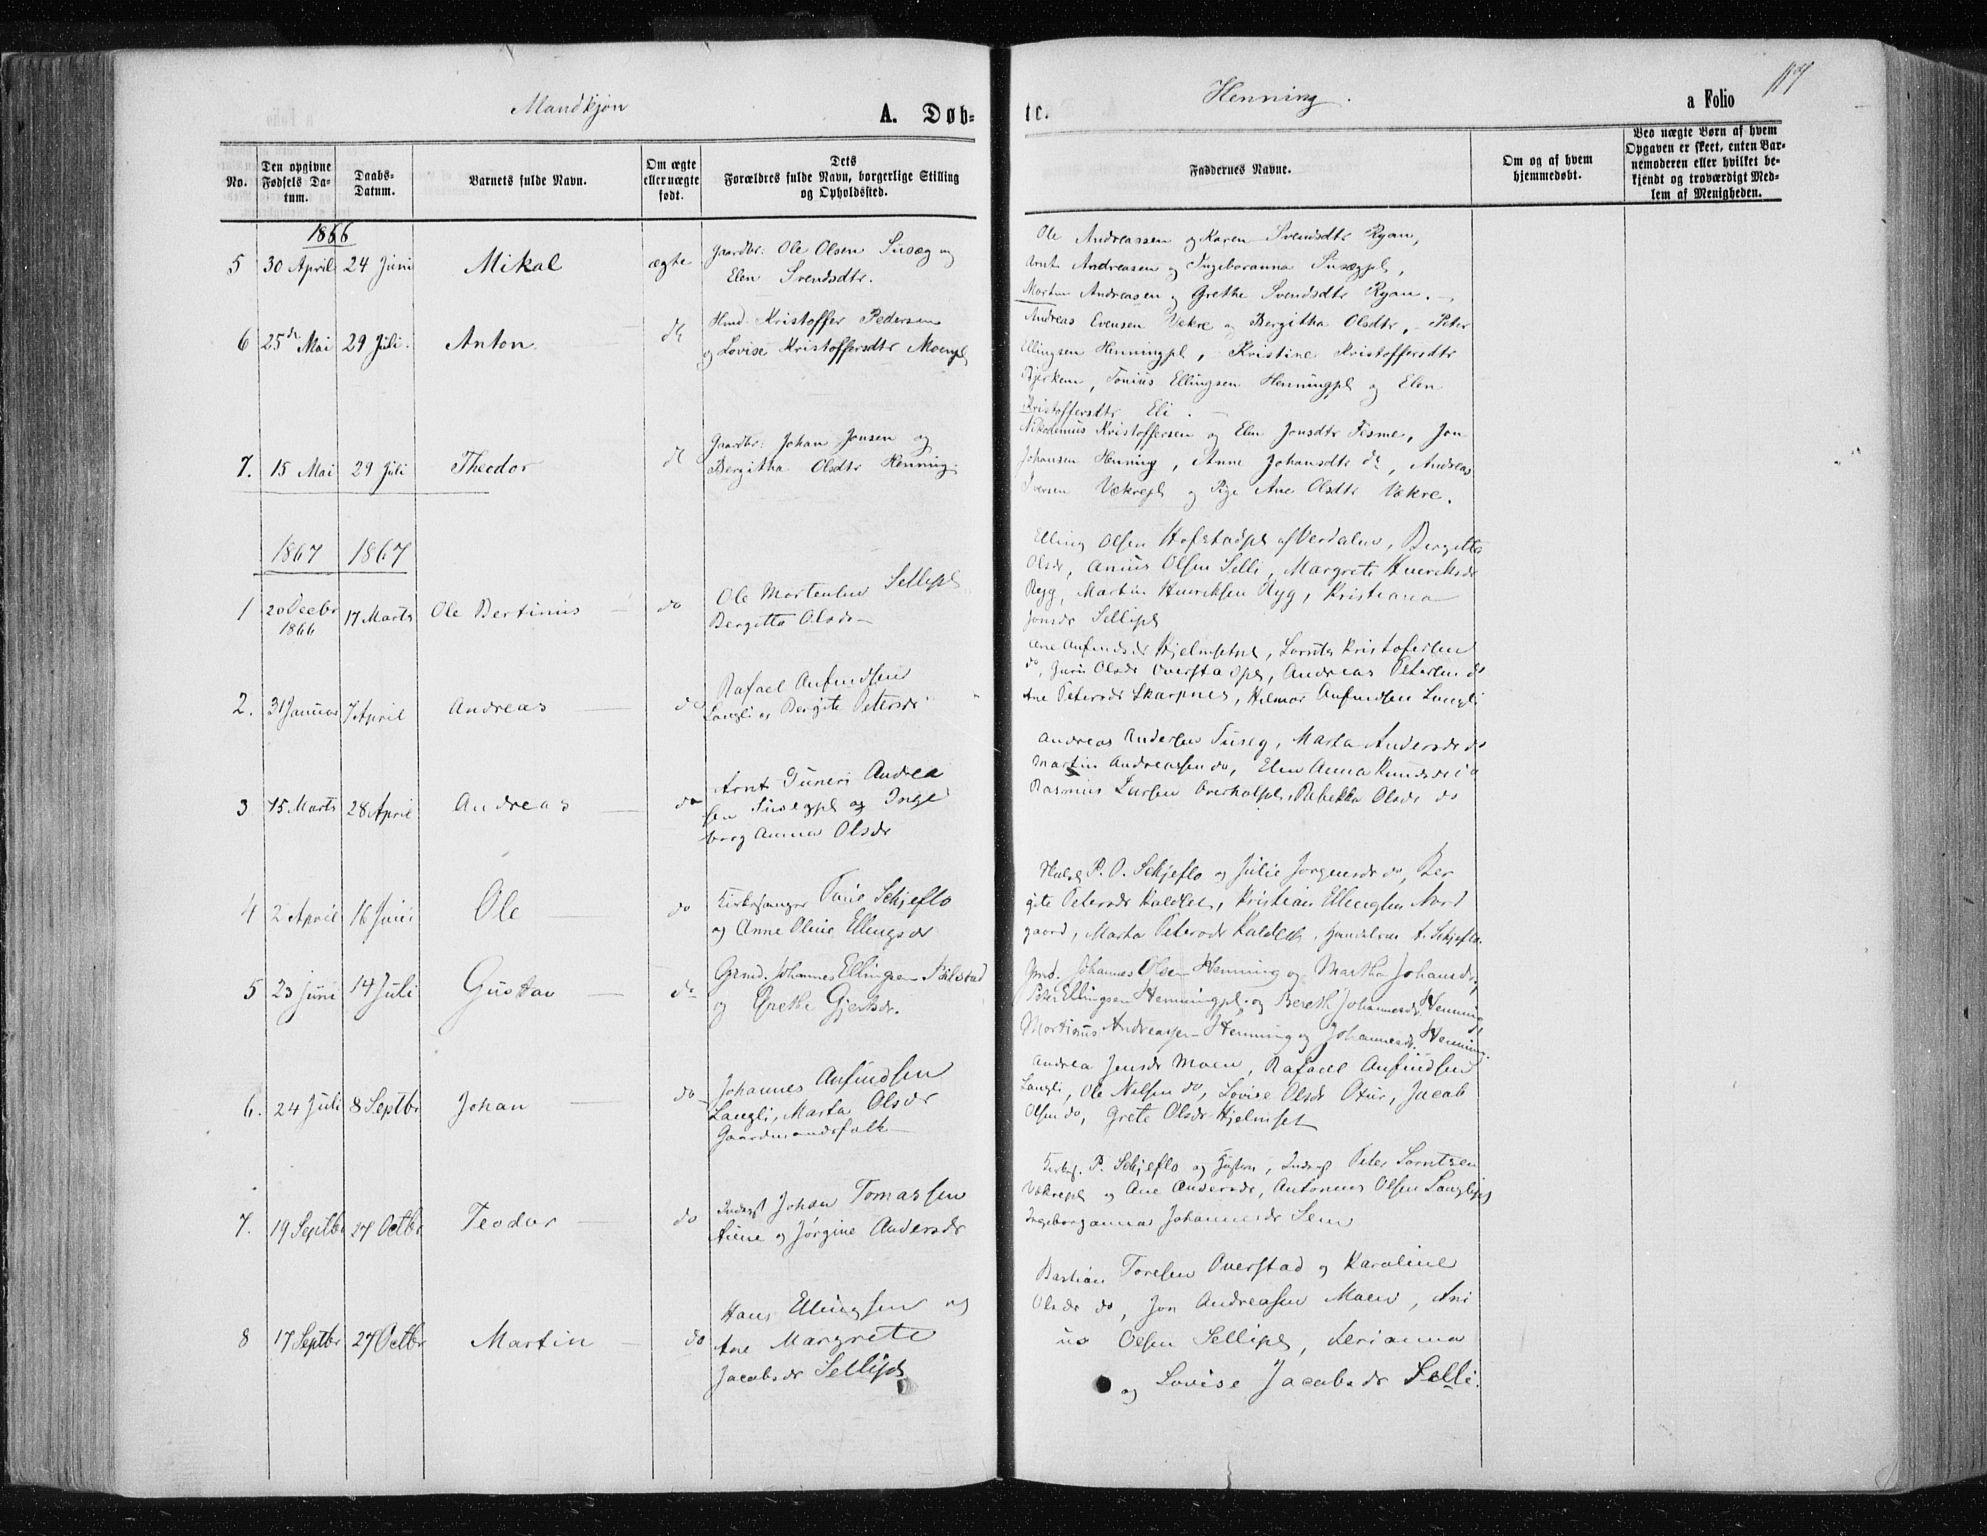 SAT, Ministerialprotokoller, klokkerbøker og fødselsregistre - Nord-Trøndelag, 735/L0345: Ministerialbok nr. 735A08 /3, 1863-1872, s. 117